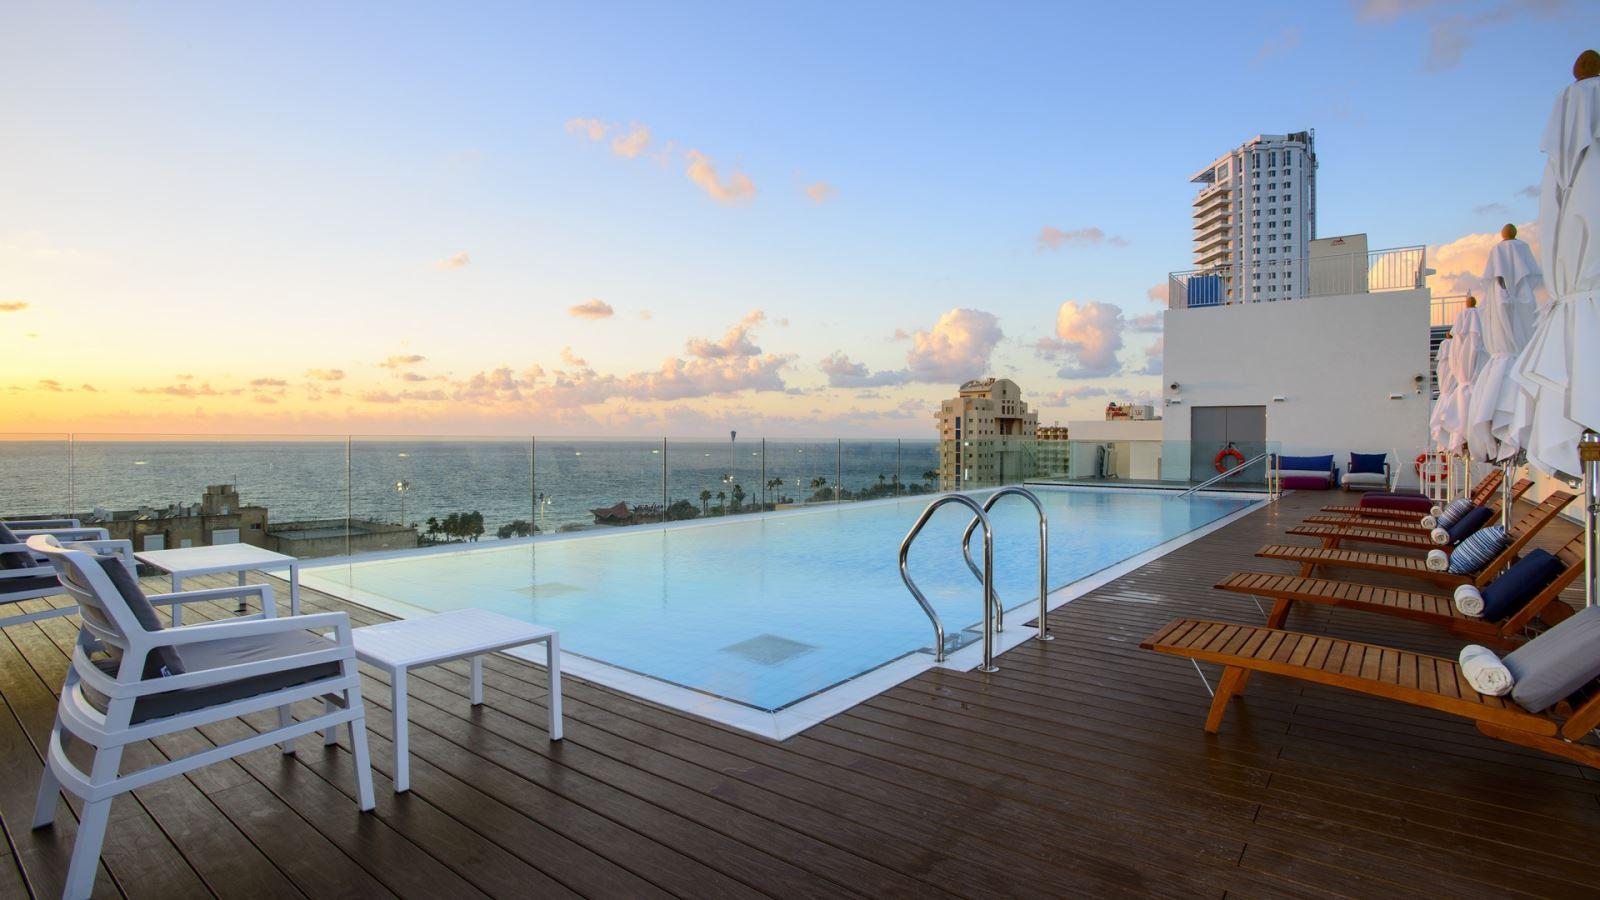 חופשה במלון לאונרדו פלאזה נתניה ב-50% הנחה!